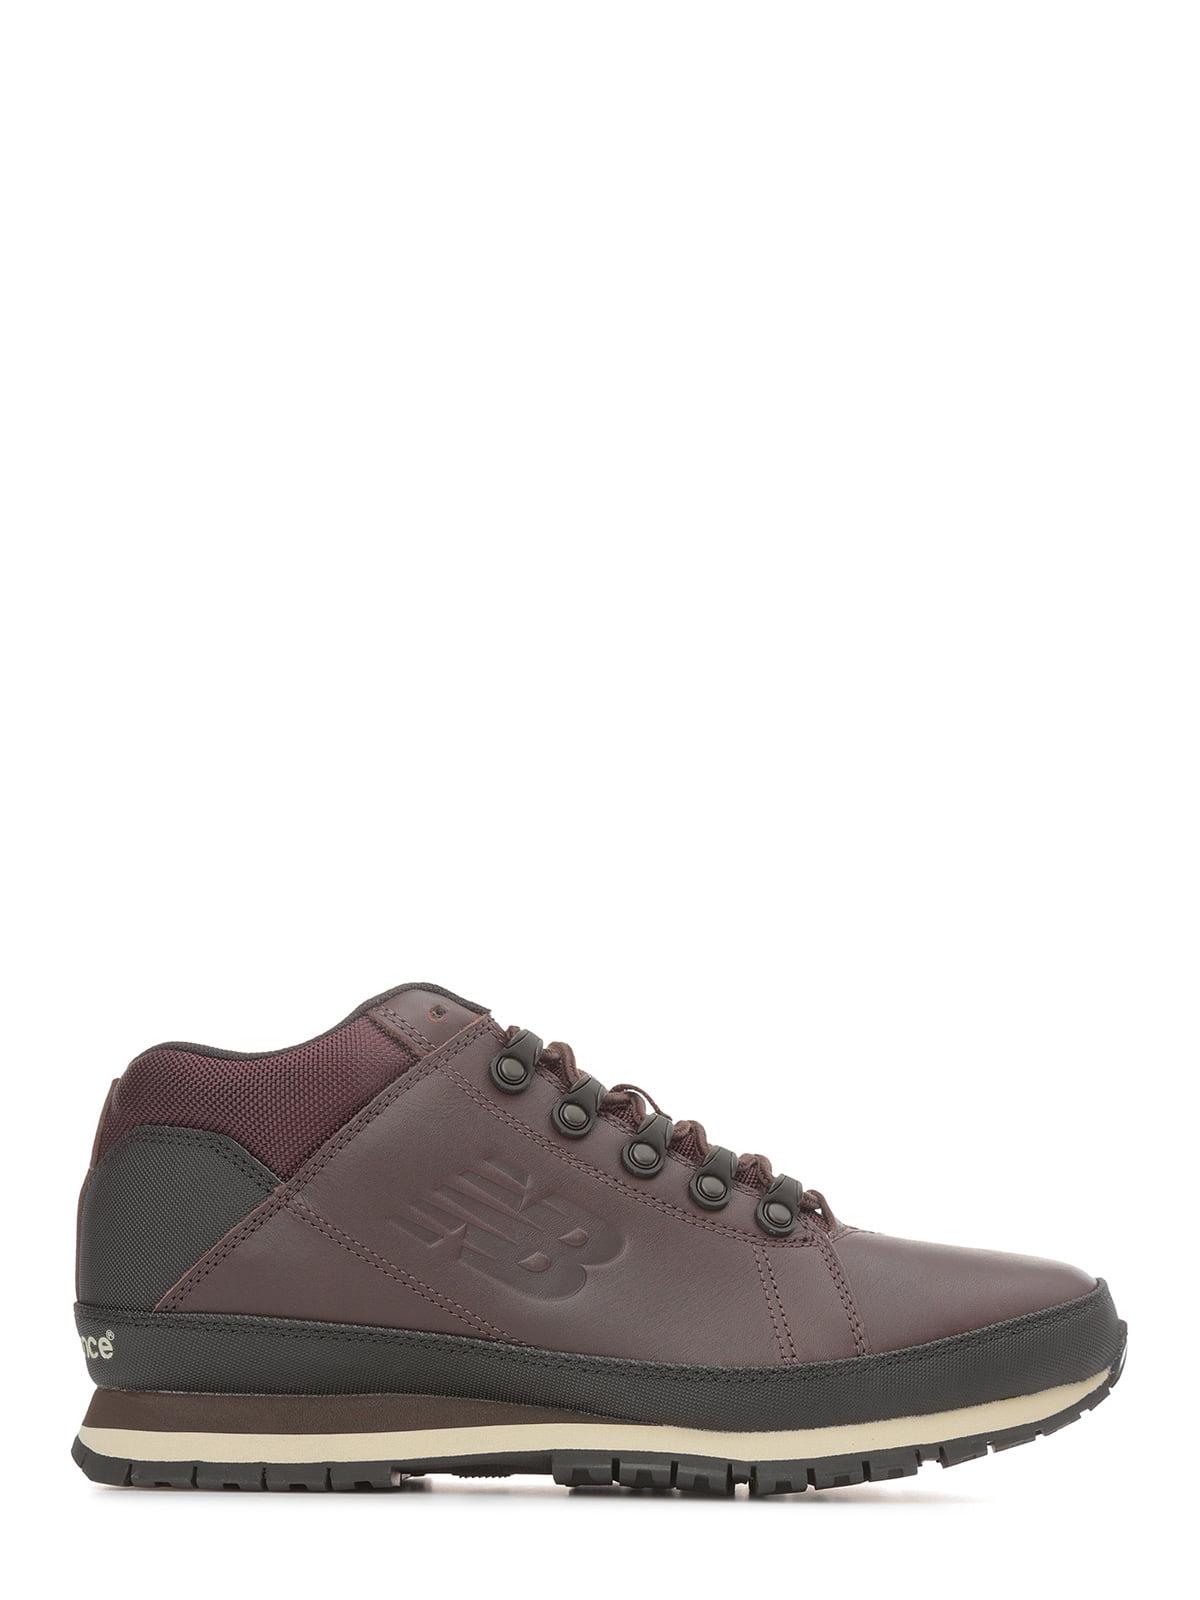 Кроссовки коричневые New Balance 754 | 4579004